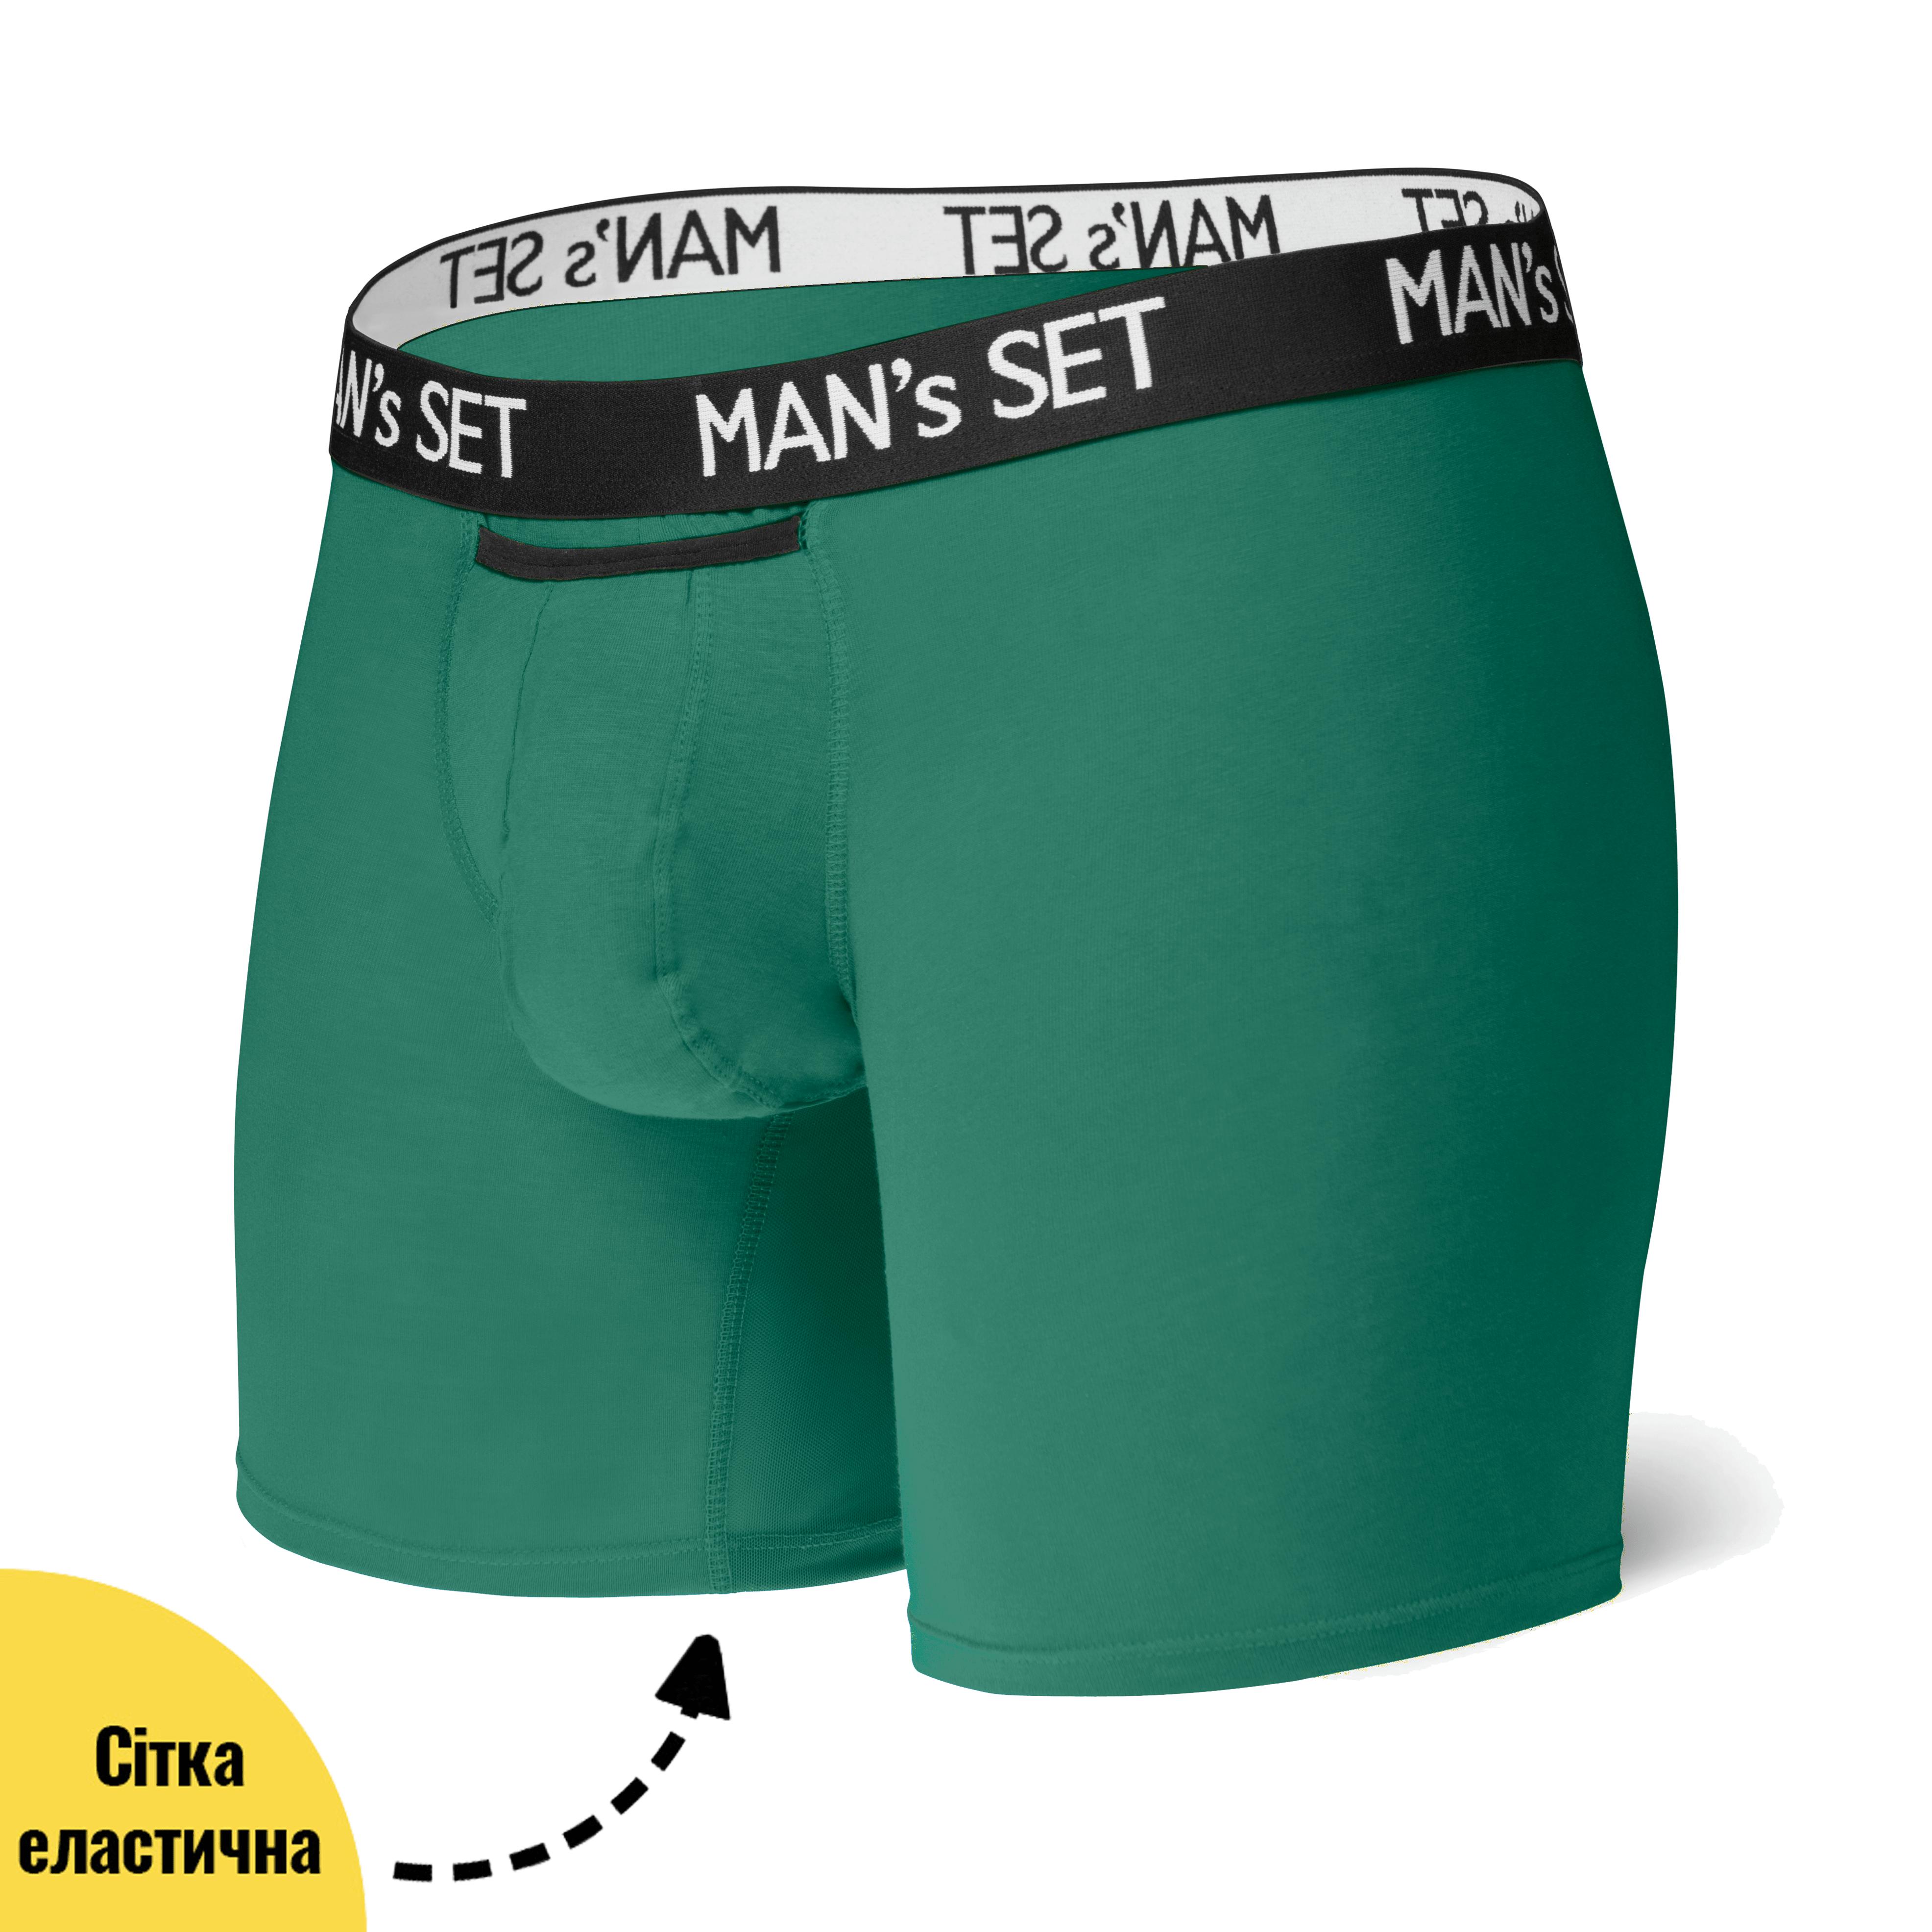 Анатомические боксеры с сеткой Long Light, зеленый MansSet